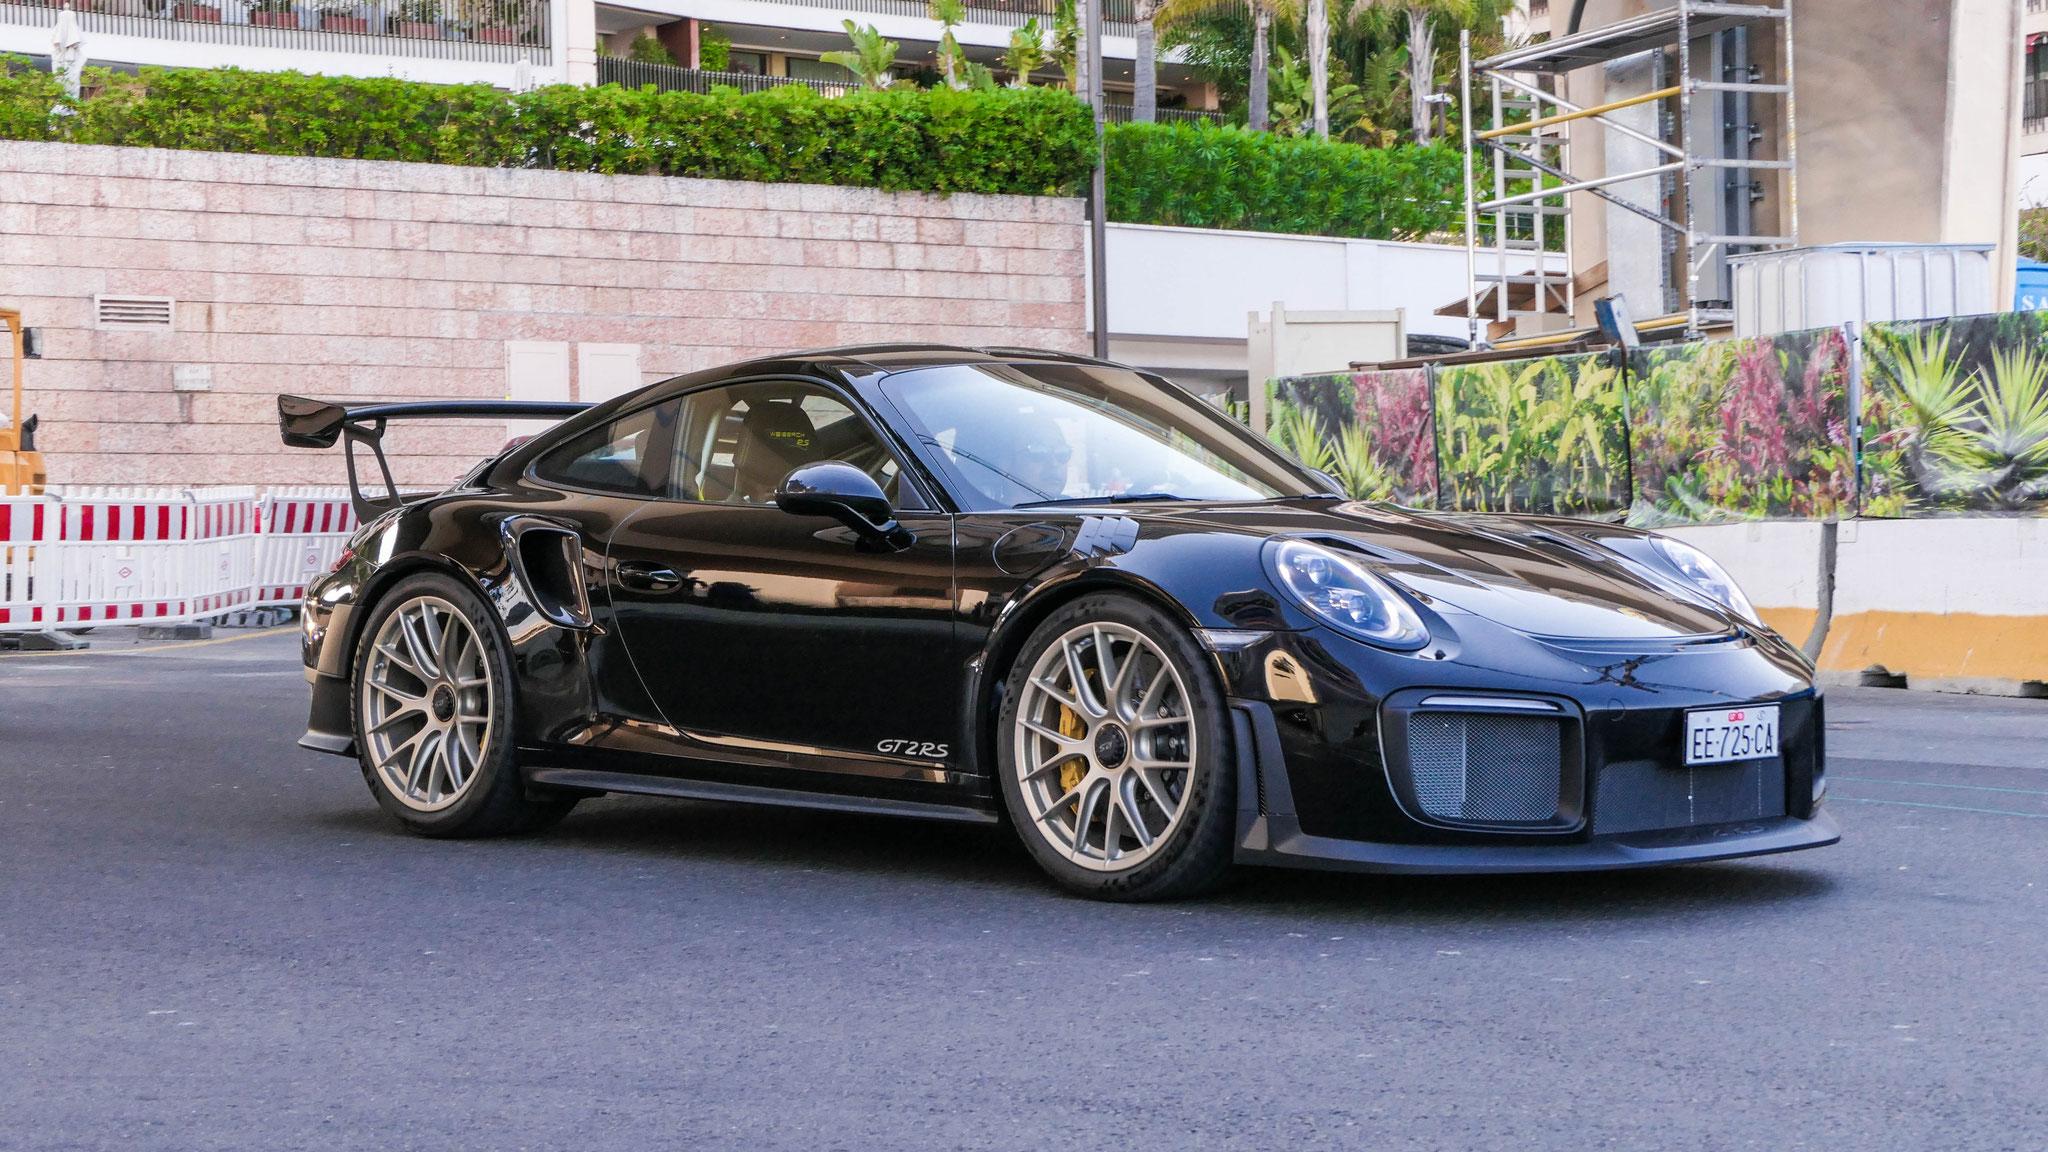 Porsche 911 GT2 RS - EE-725-CA (ITA)